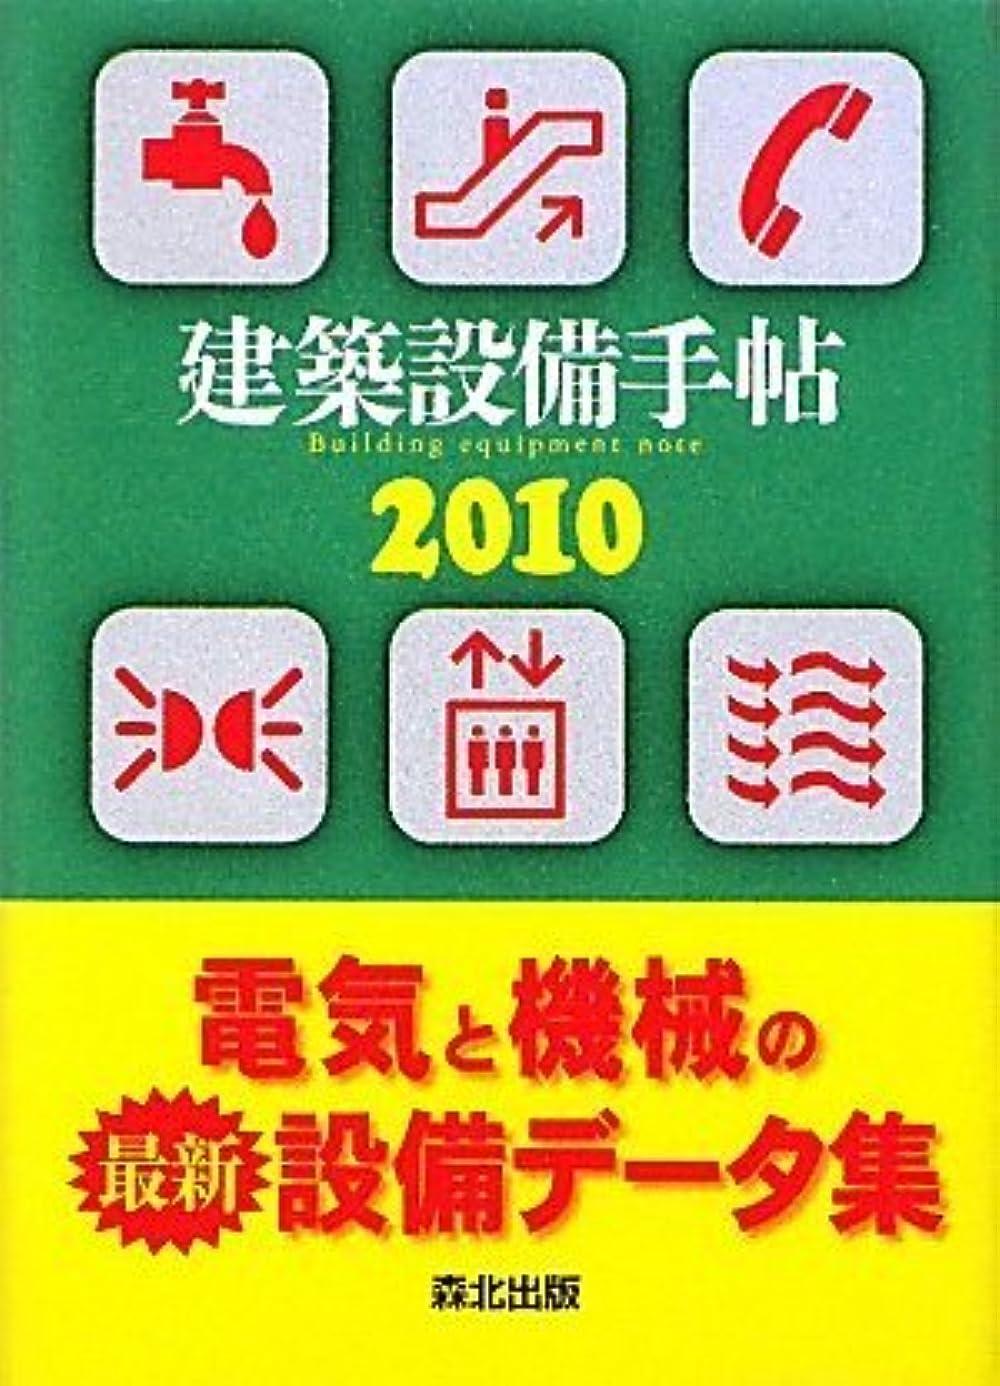 コインランドリー工夫するパレード建築設備手帖 2010